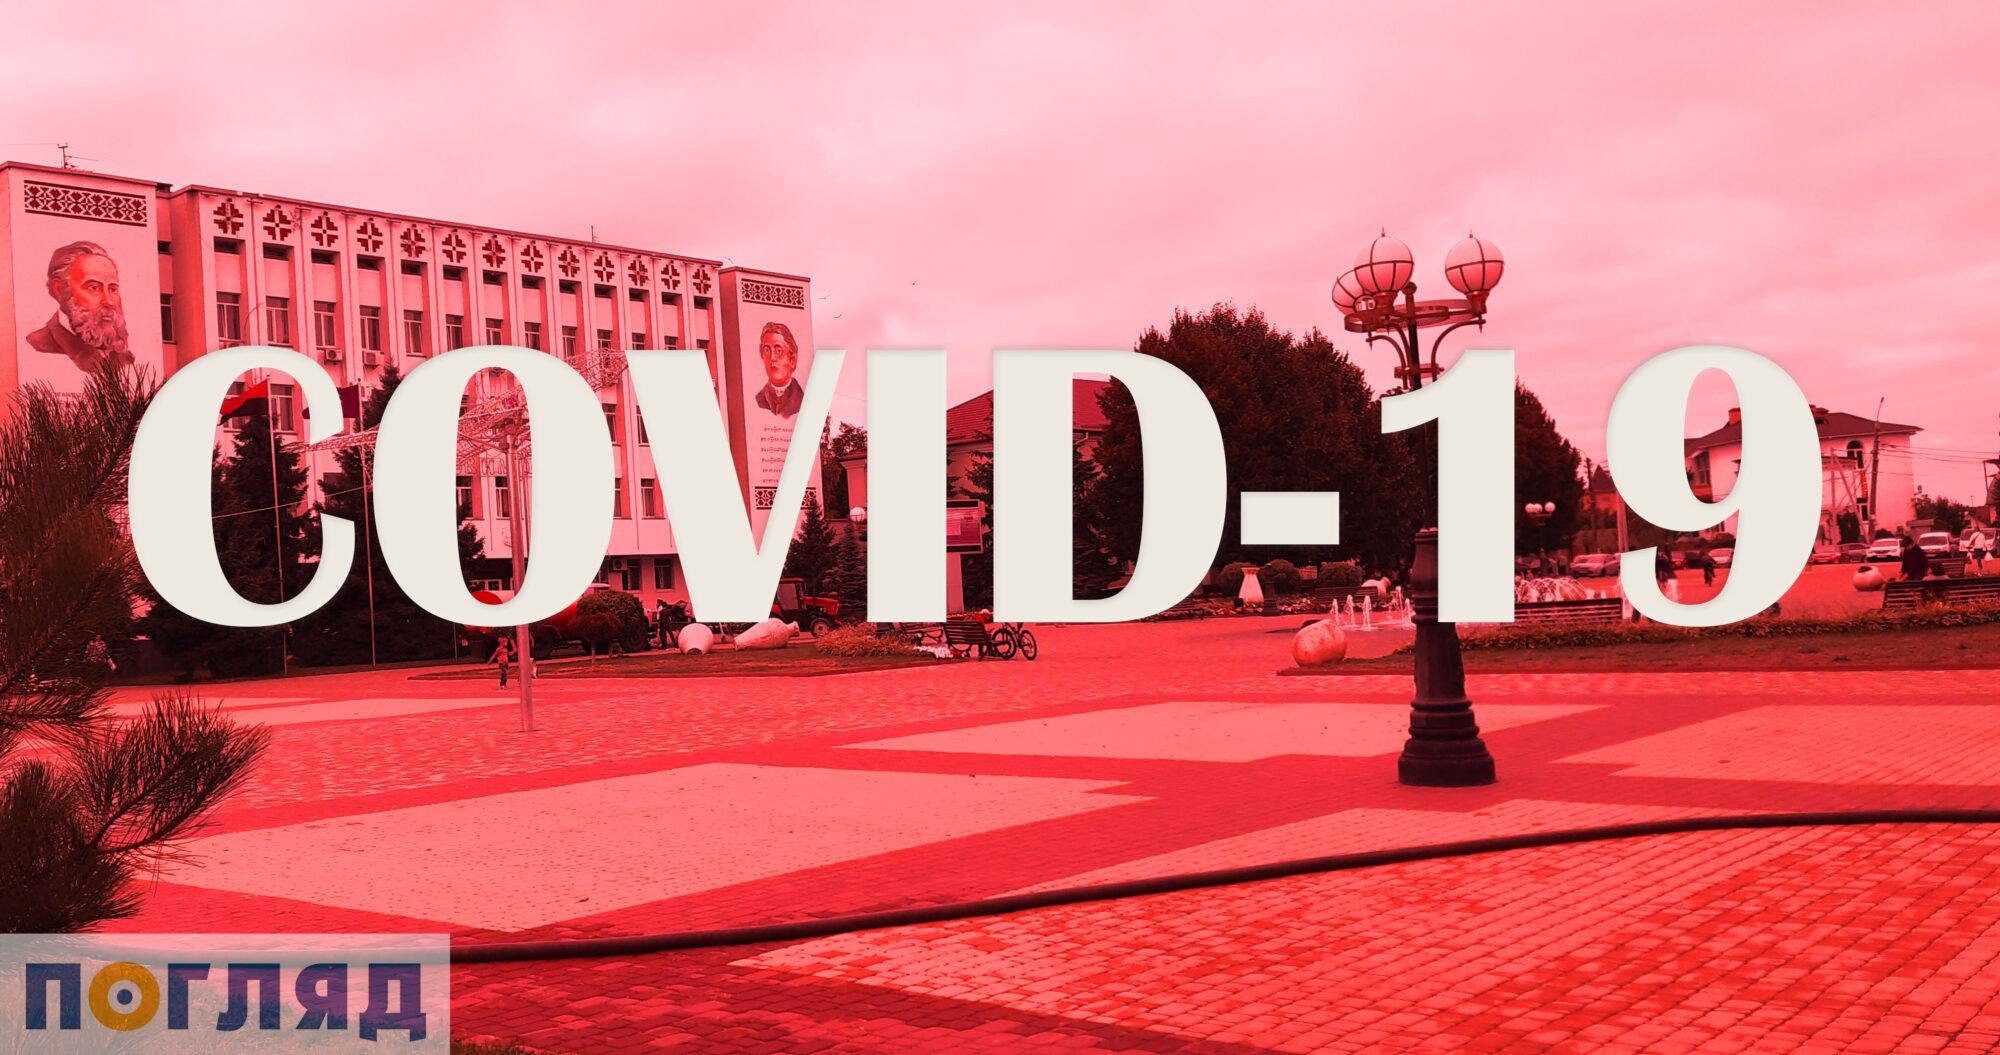 Міський голова Борисполя та його заступники захворіли на СOVID-19 - Міський голова, коронавірусна інфекція - 20200915 111155 2000x1055